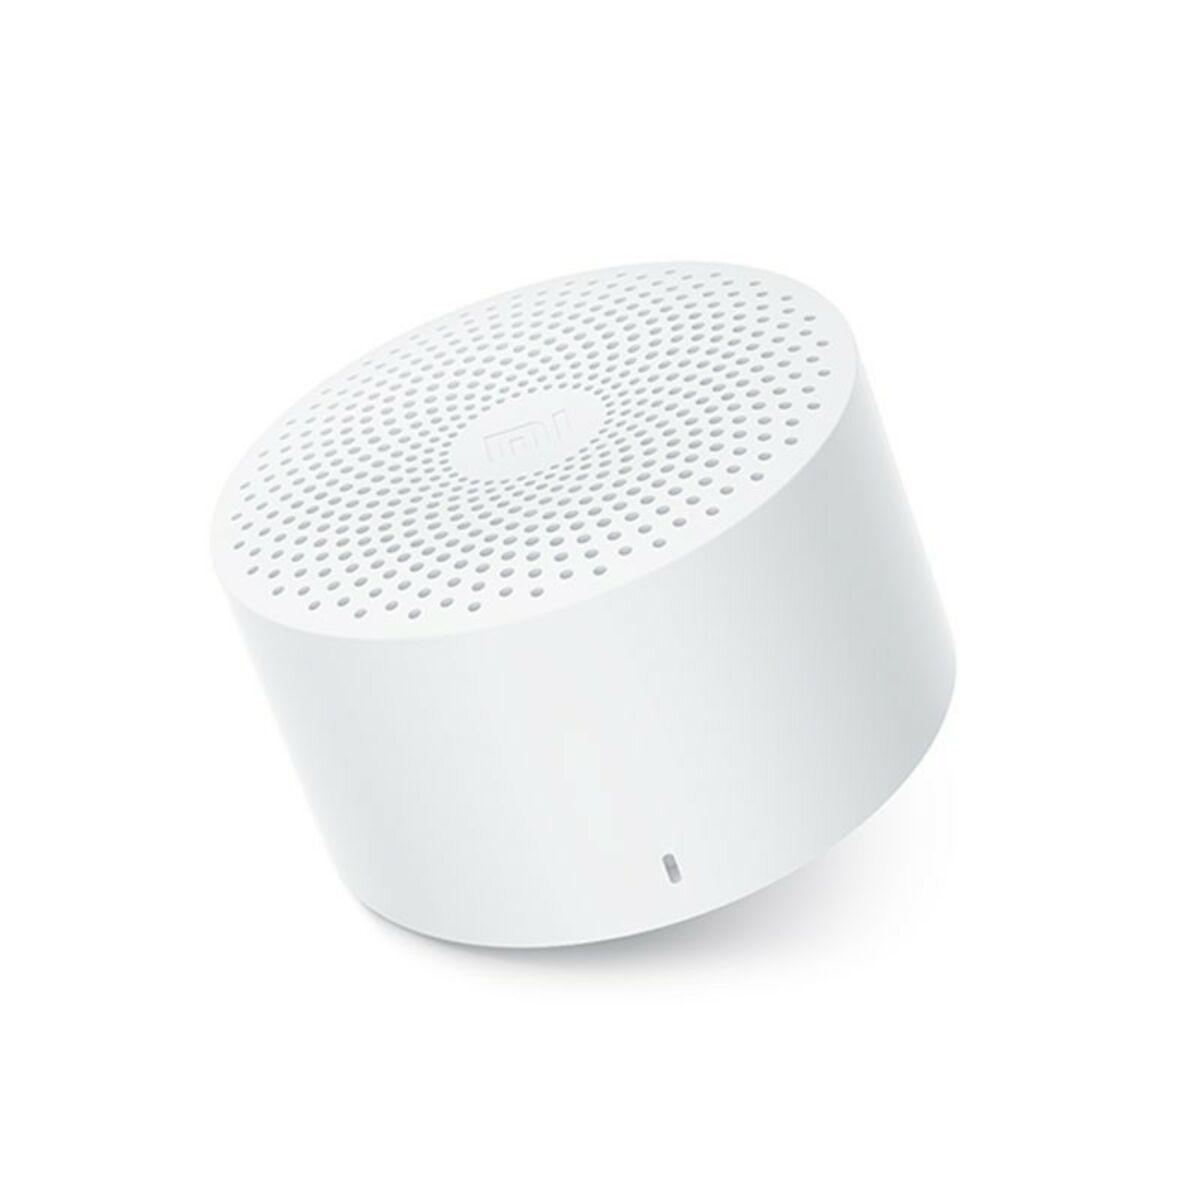 Xiaomi Mi Compact Bluetooth Speaker 2, hordozható hangszóró, fehér, EU, QBH4141EU